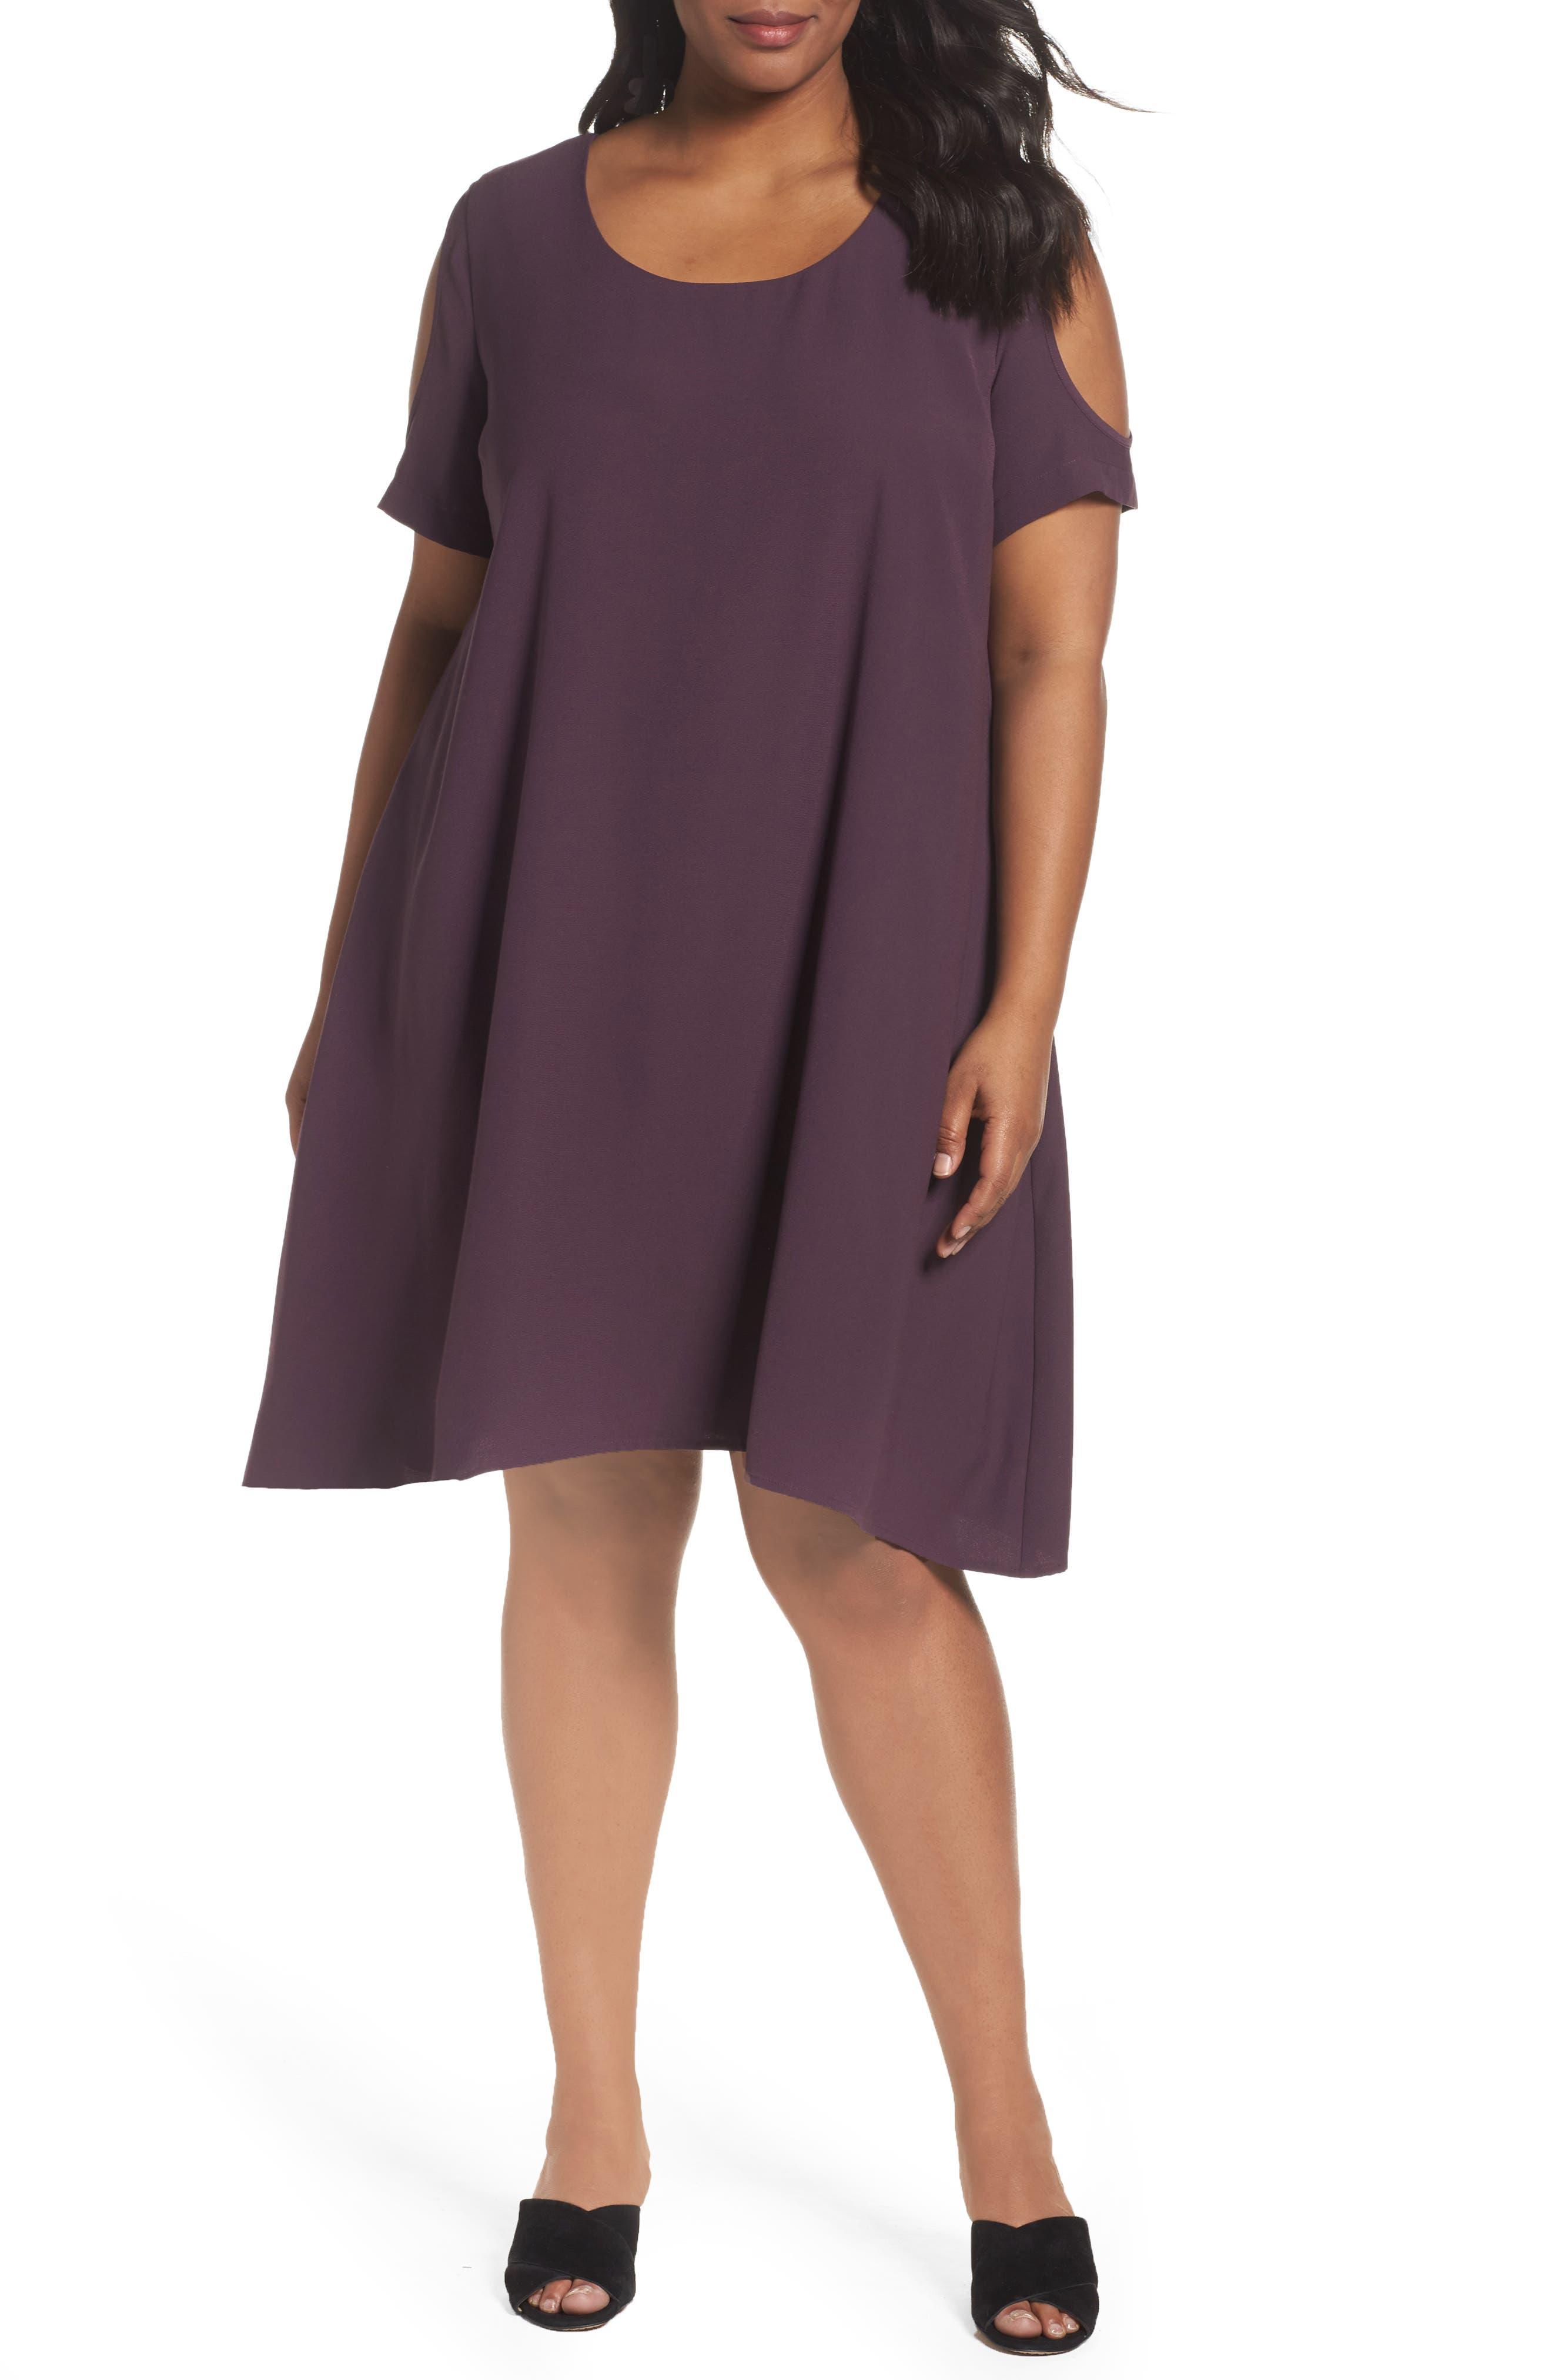 Alternate Image 1 Selected - Sejour Cold Shoulder Swing Dress (Plus Size)